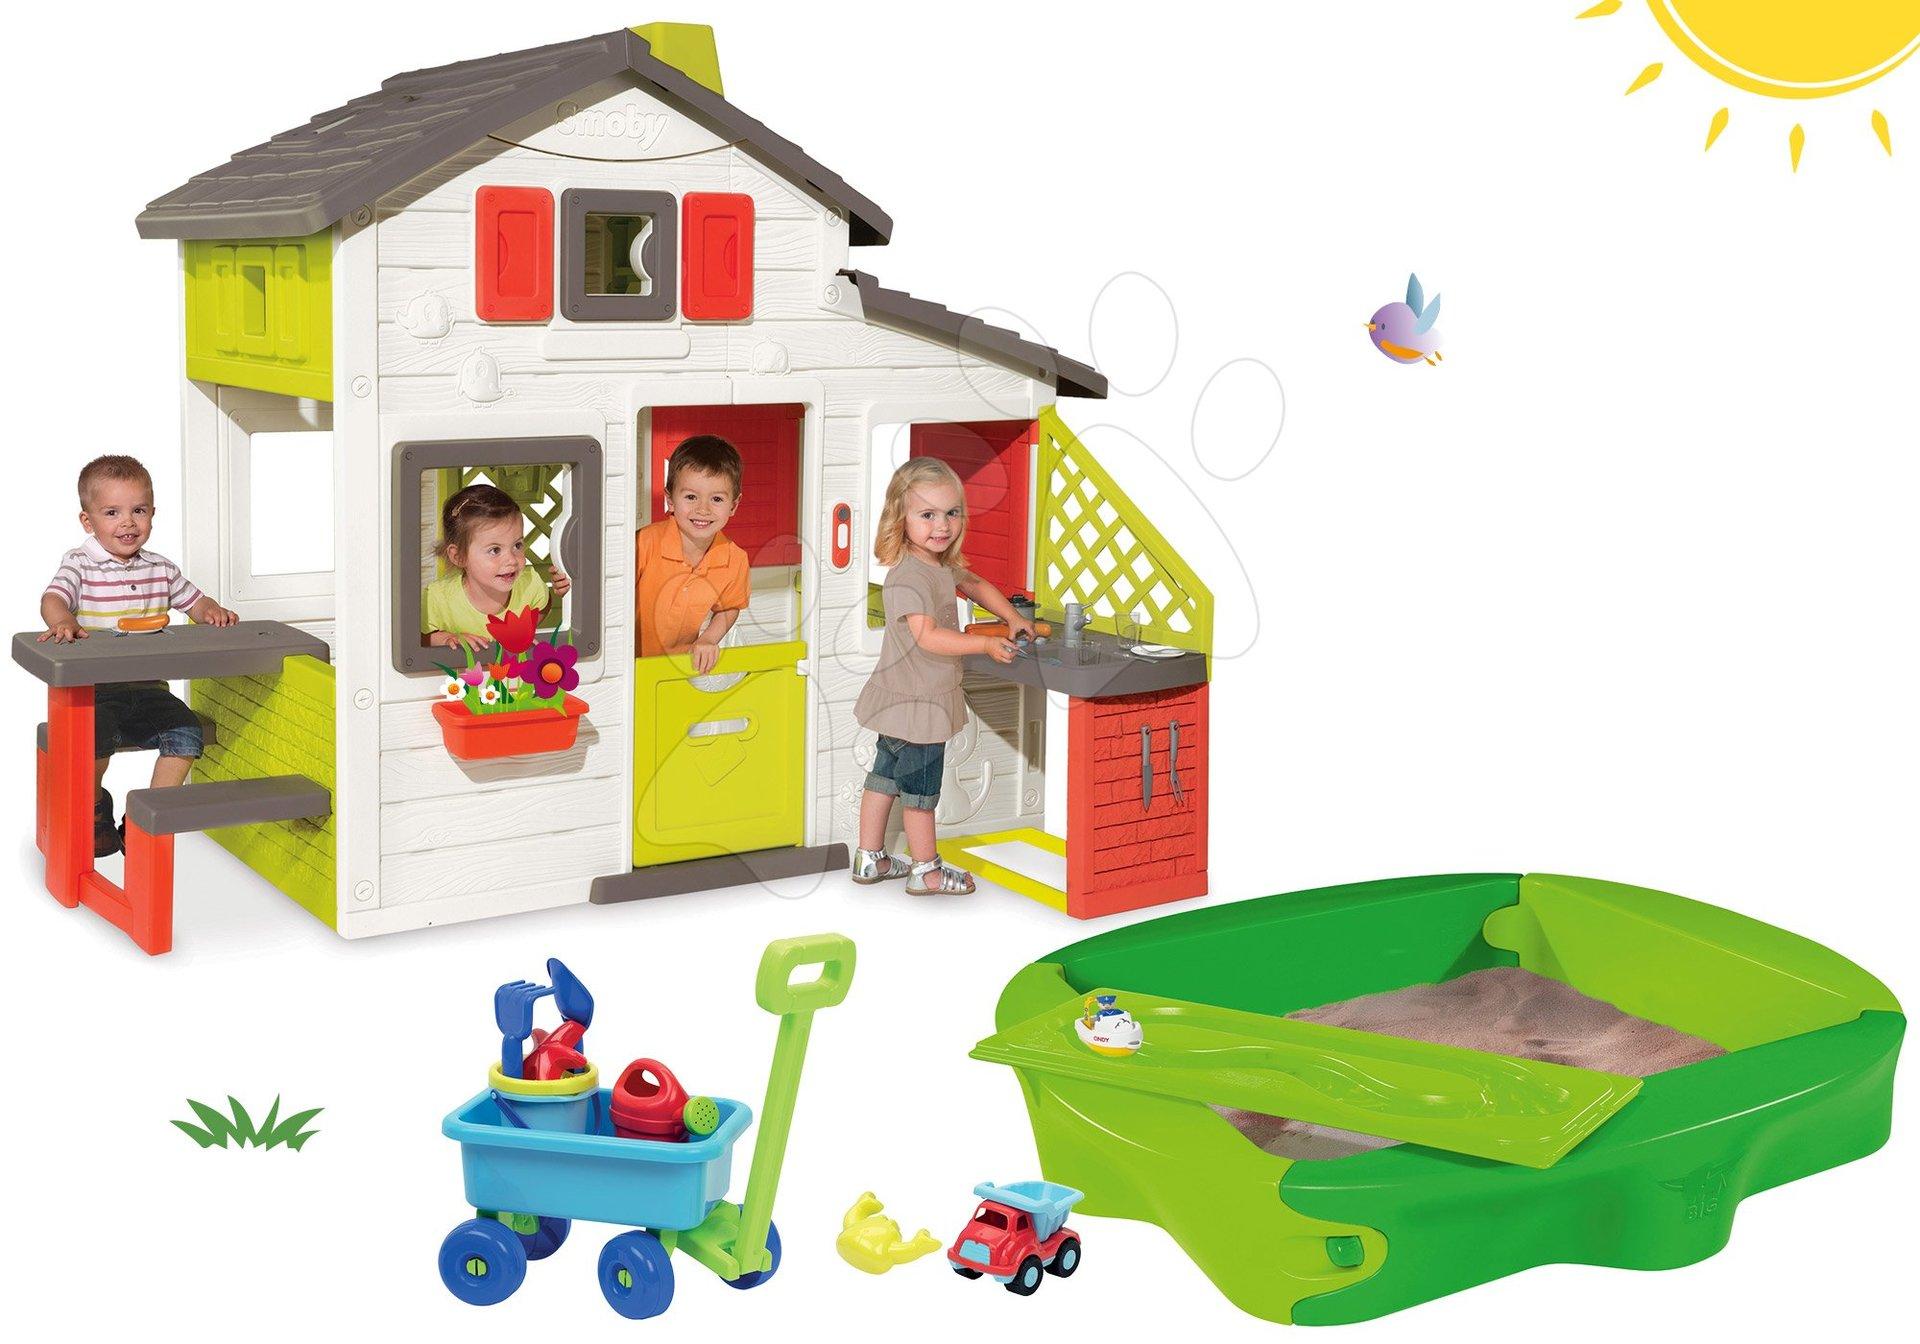 Set domček Priateľov Smoby s kuchynkou a zvončekom, pieskovisko Sandy s krytom a vozík na ťahanie